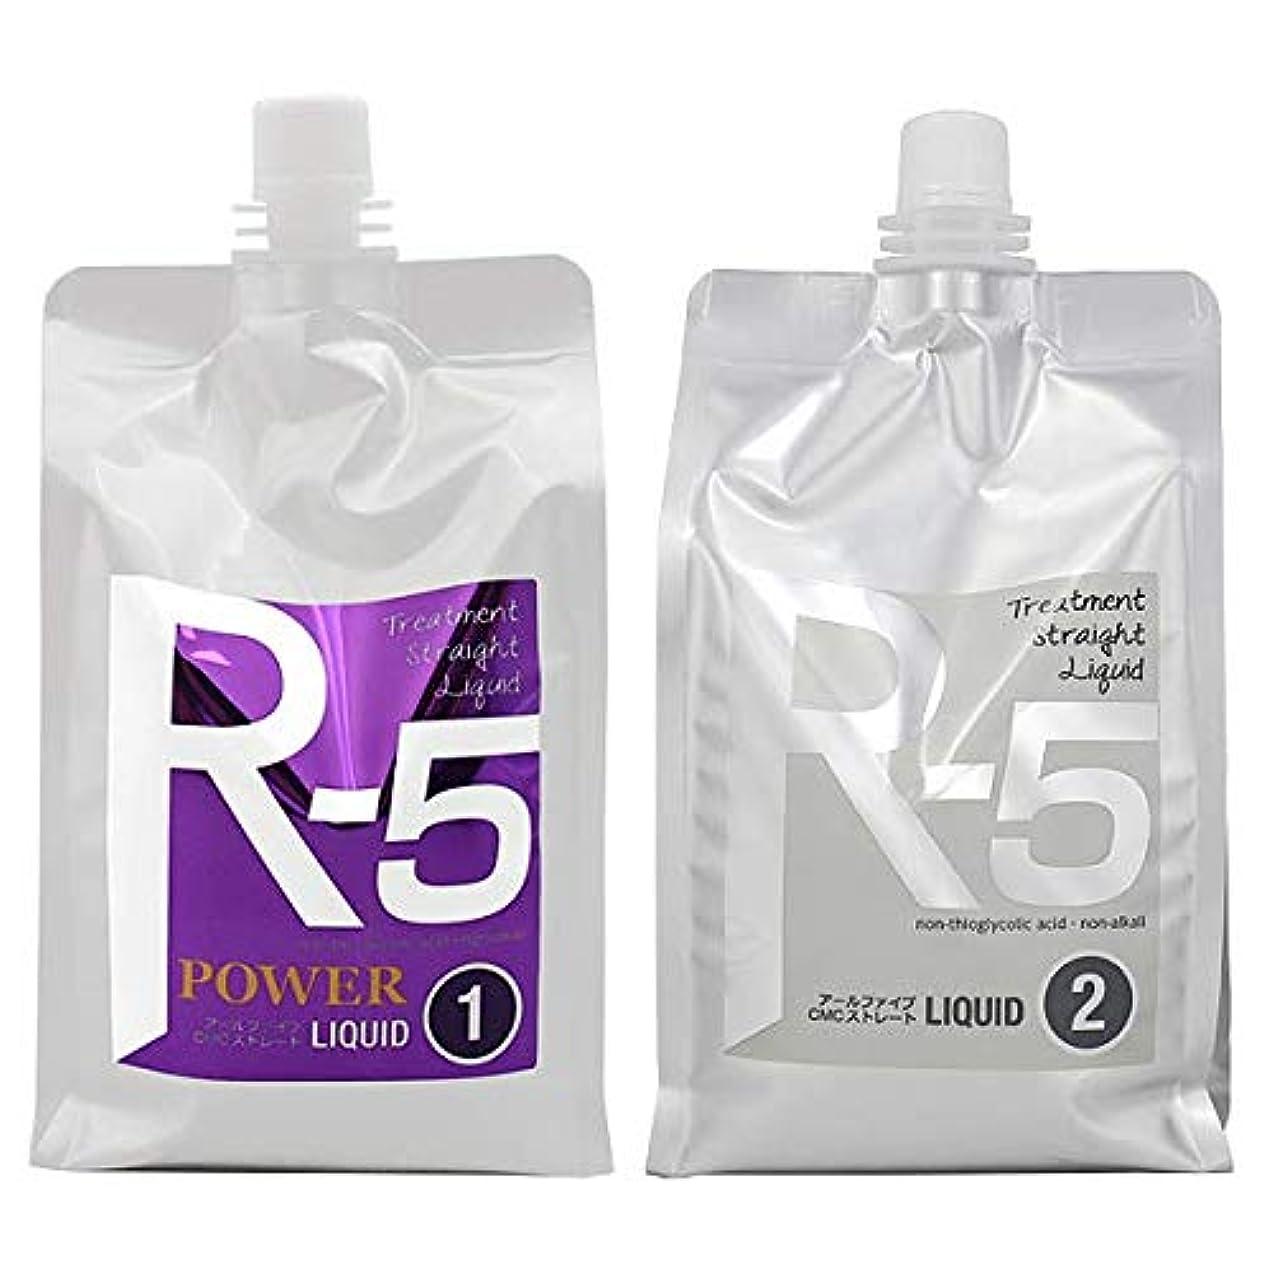 ロバ励起トロリーバスCMCトリートメントストレート R-5 パープル(パワー) ストレート剤